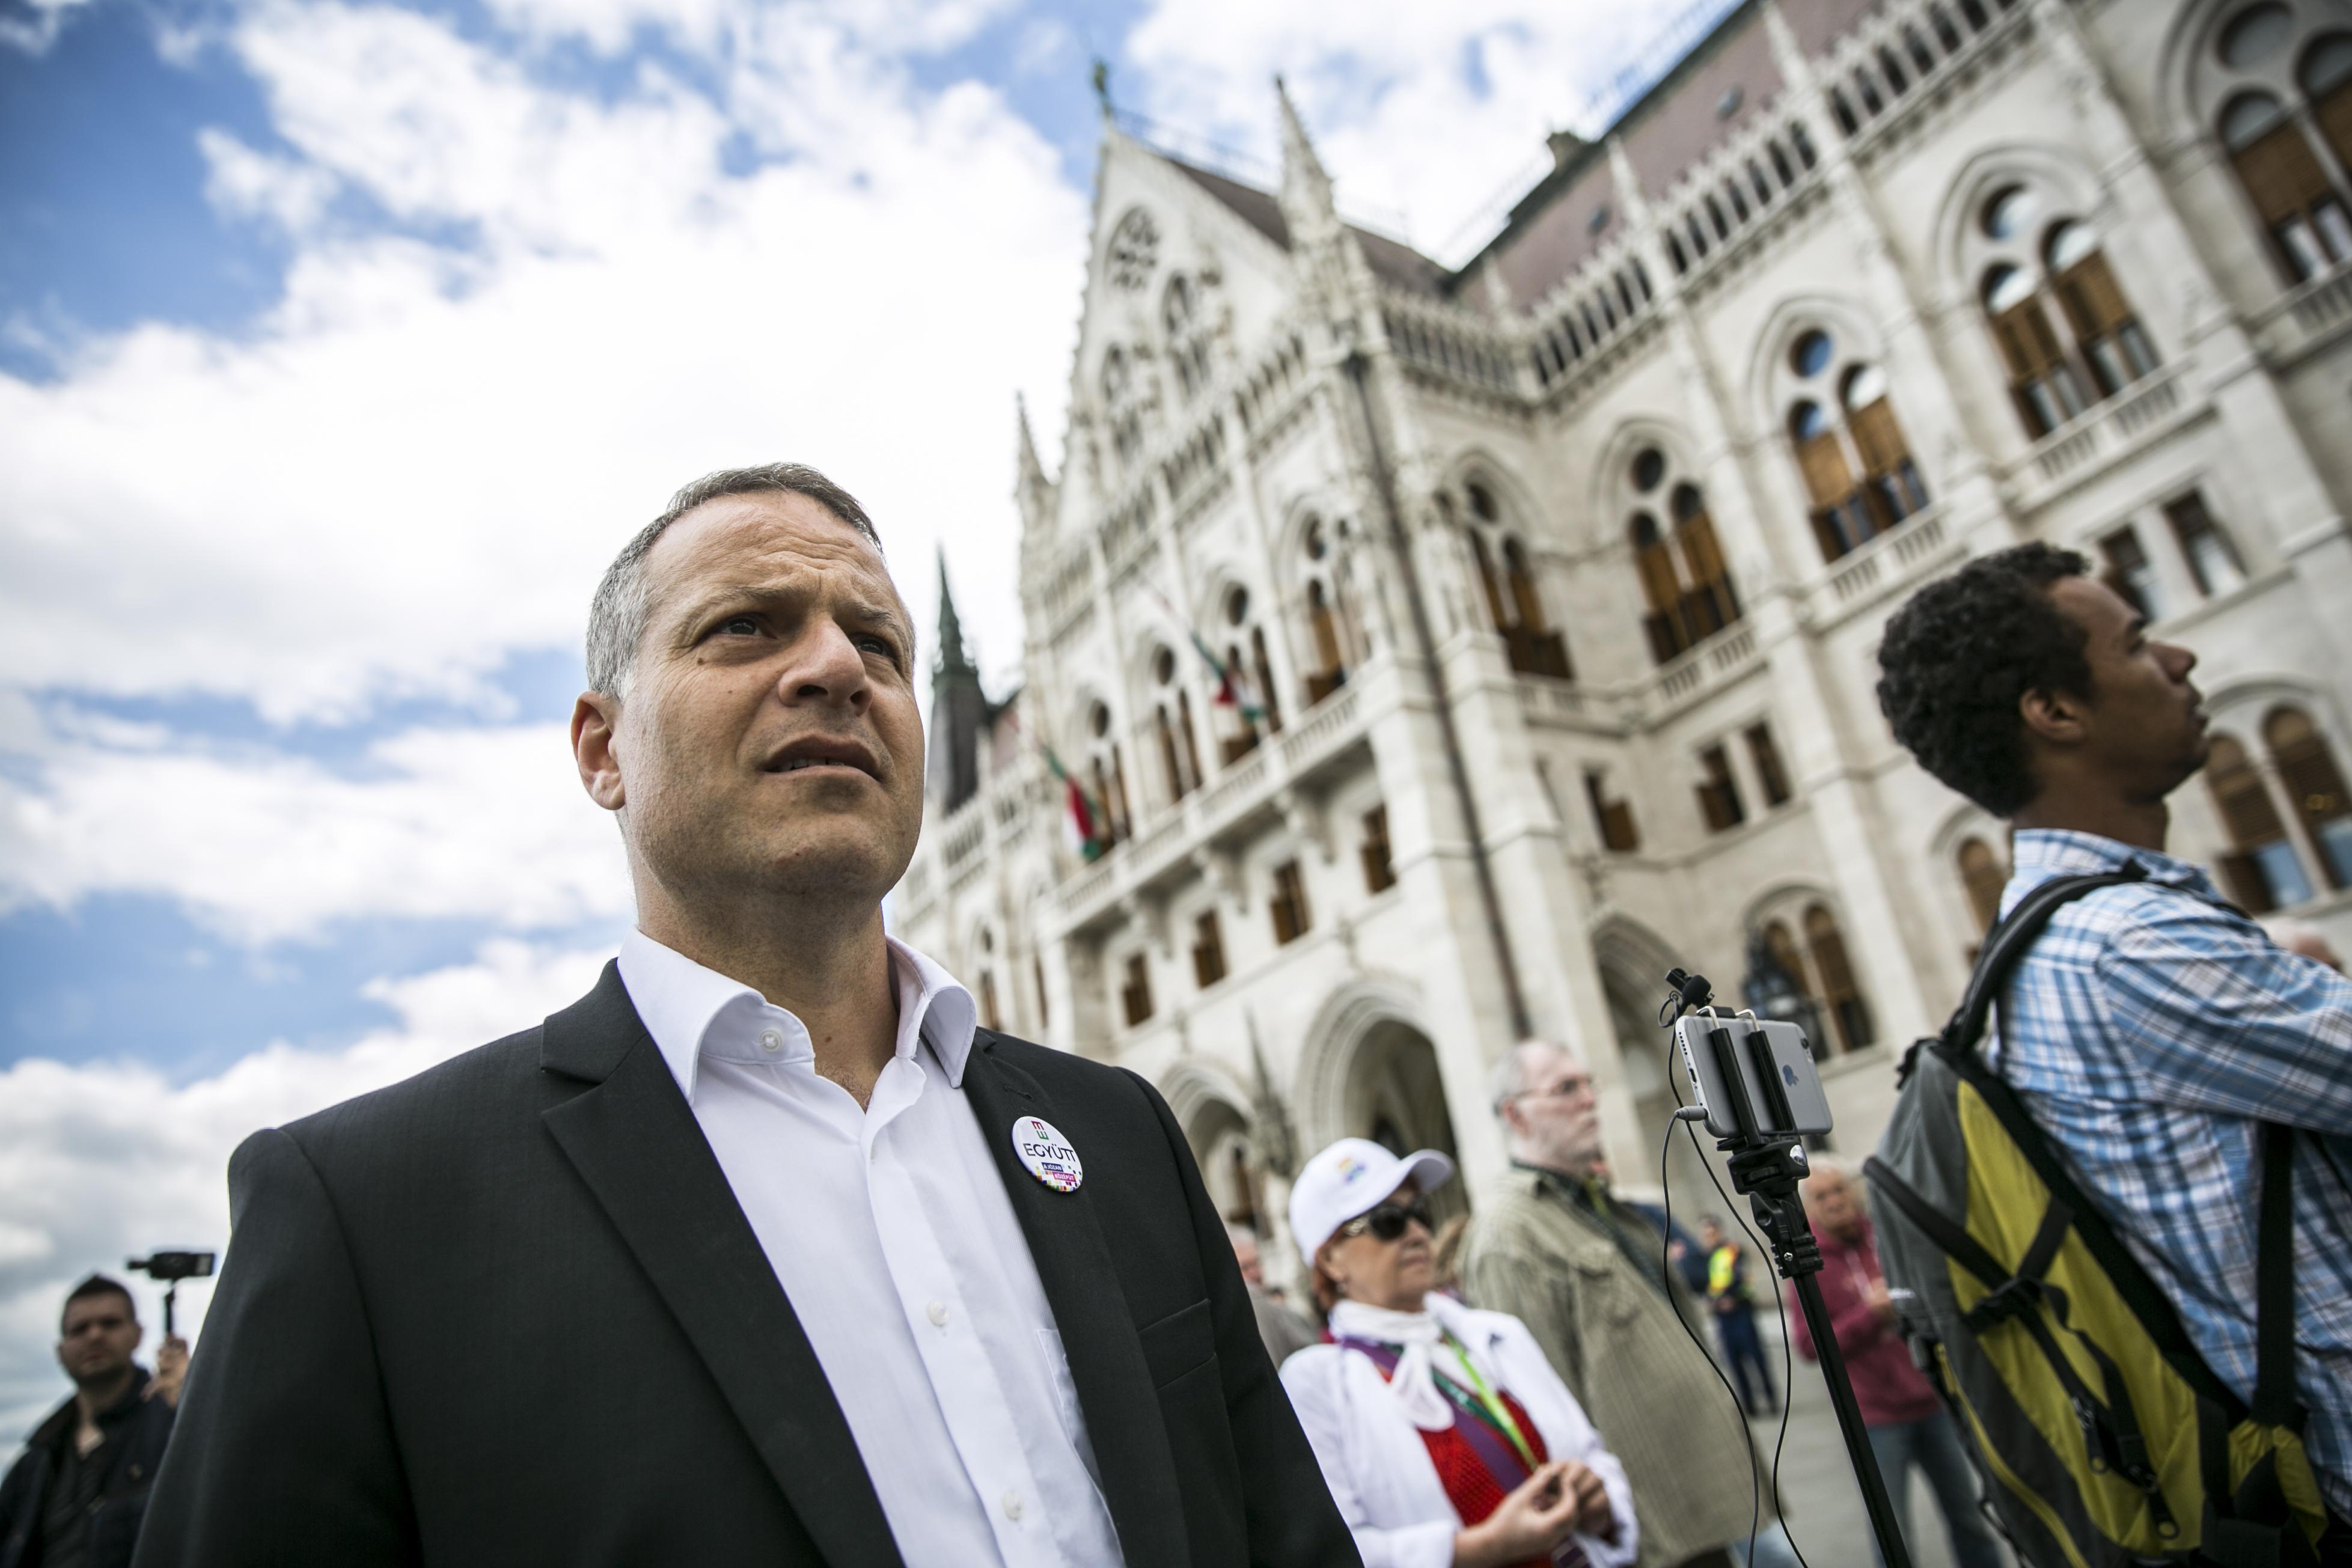 Juhász Péter: Orbán tényszerűen pszichopata, és végérvényesen fasisztává vált